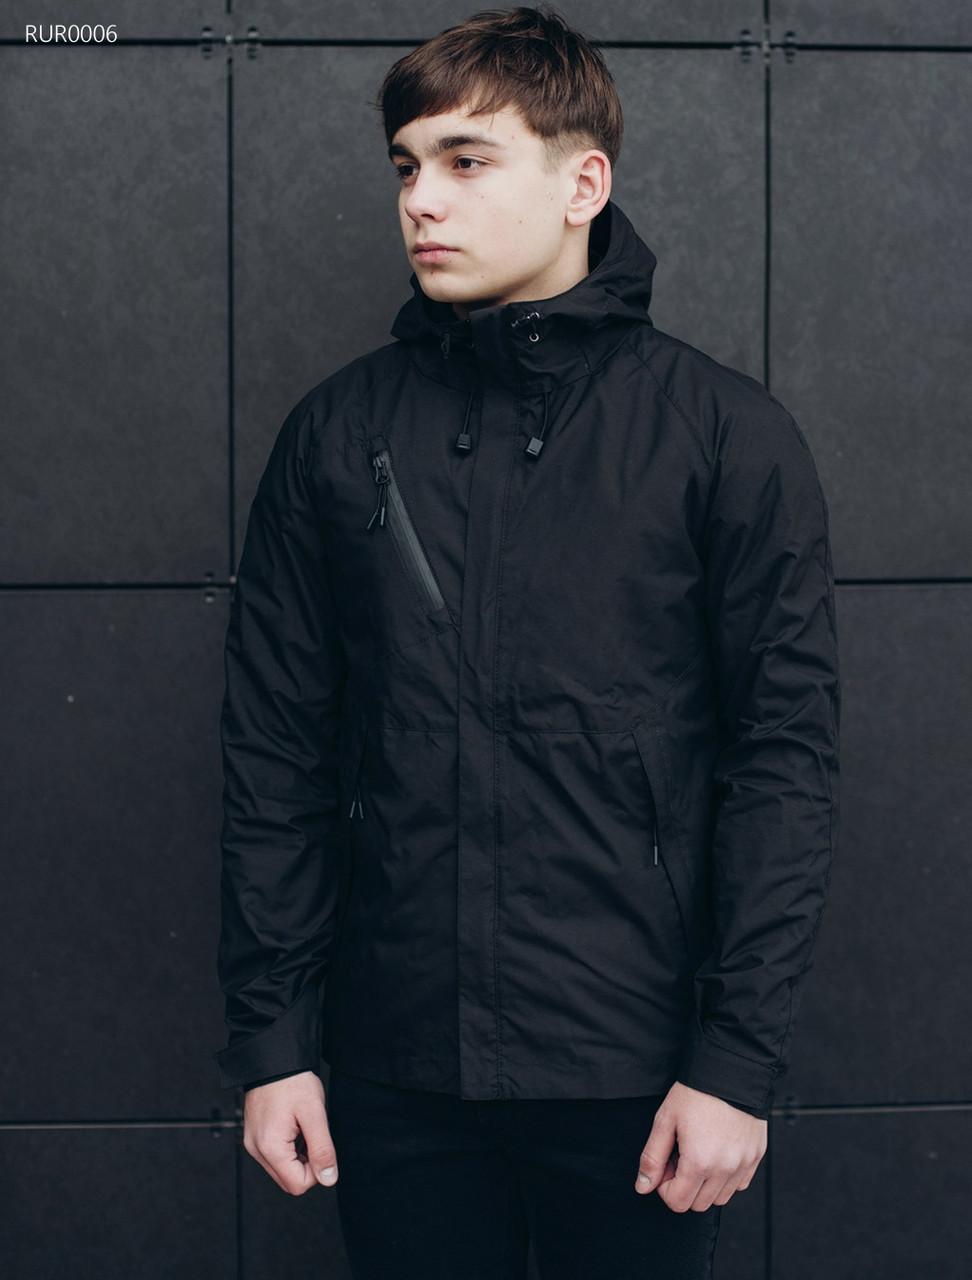 5f5db579e0f Мужская куртка черная (стаф) Staff windstorm black RUR0006 в наличии р. ХС -